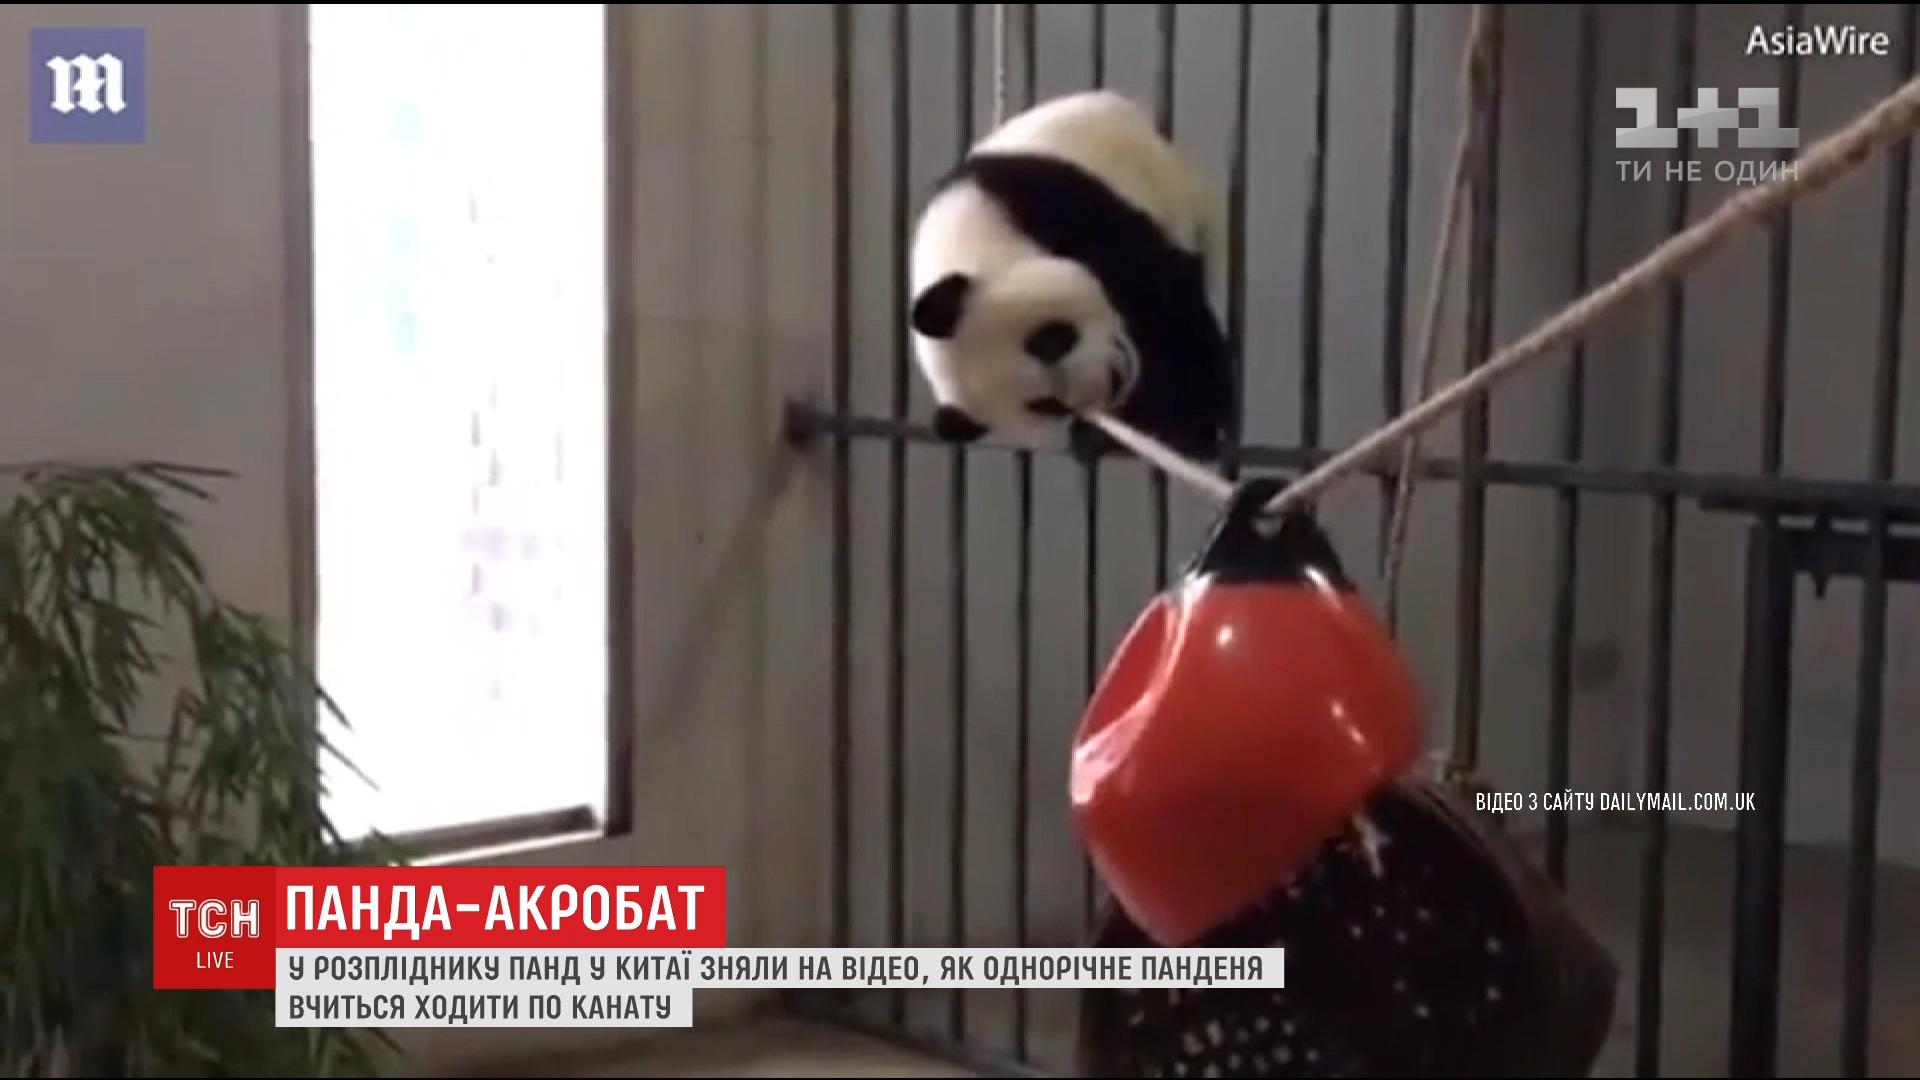 У китайському центрі розведення панд зняли спроби однорічного ведмедика пройти по канату /